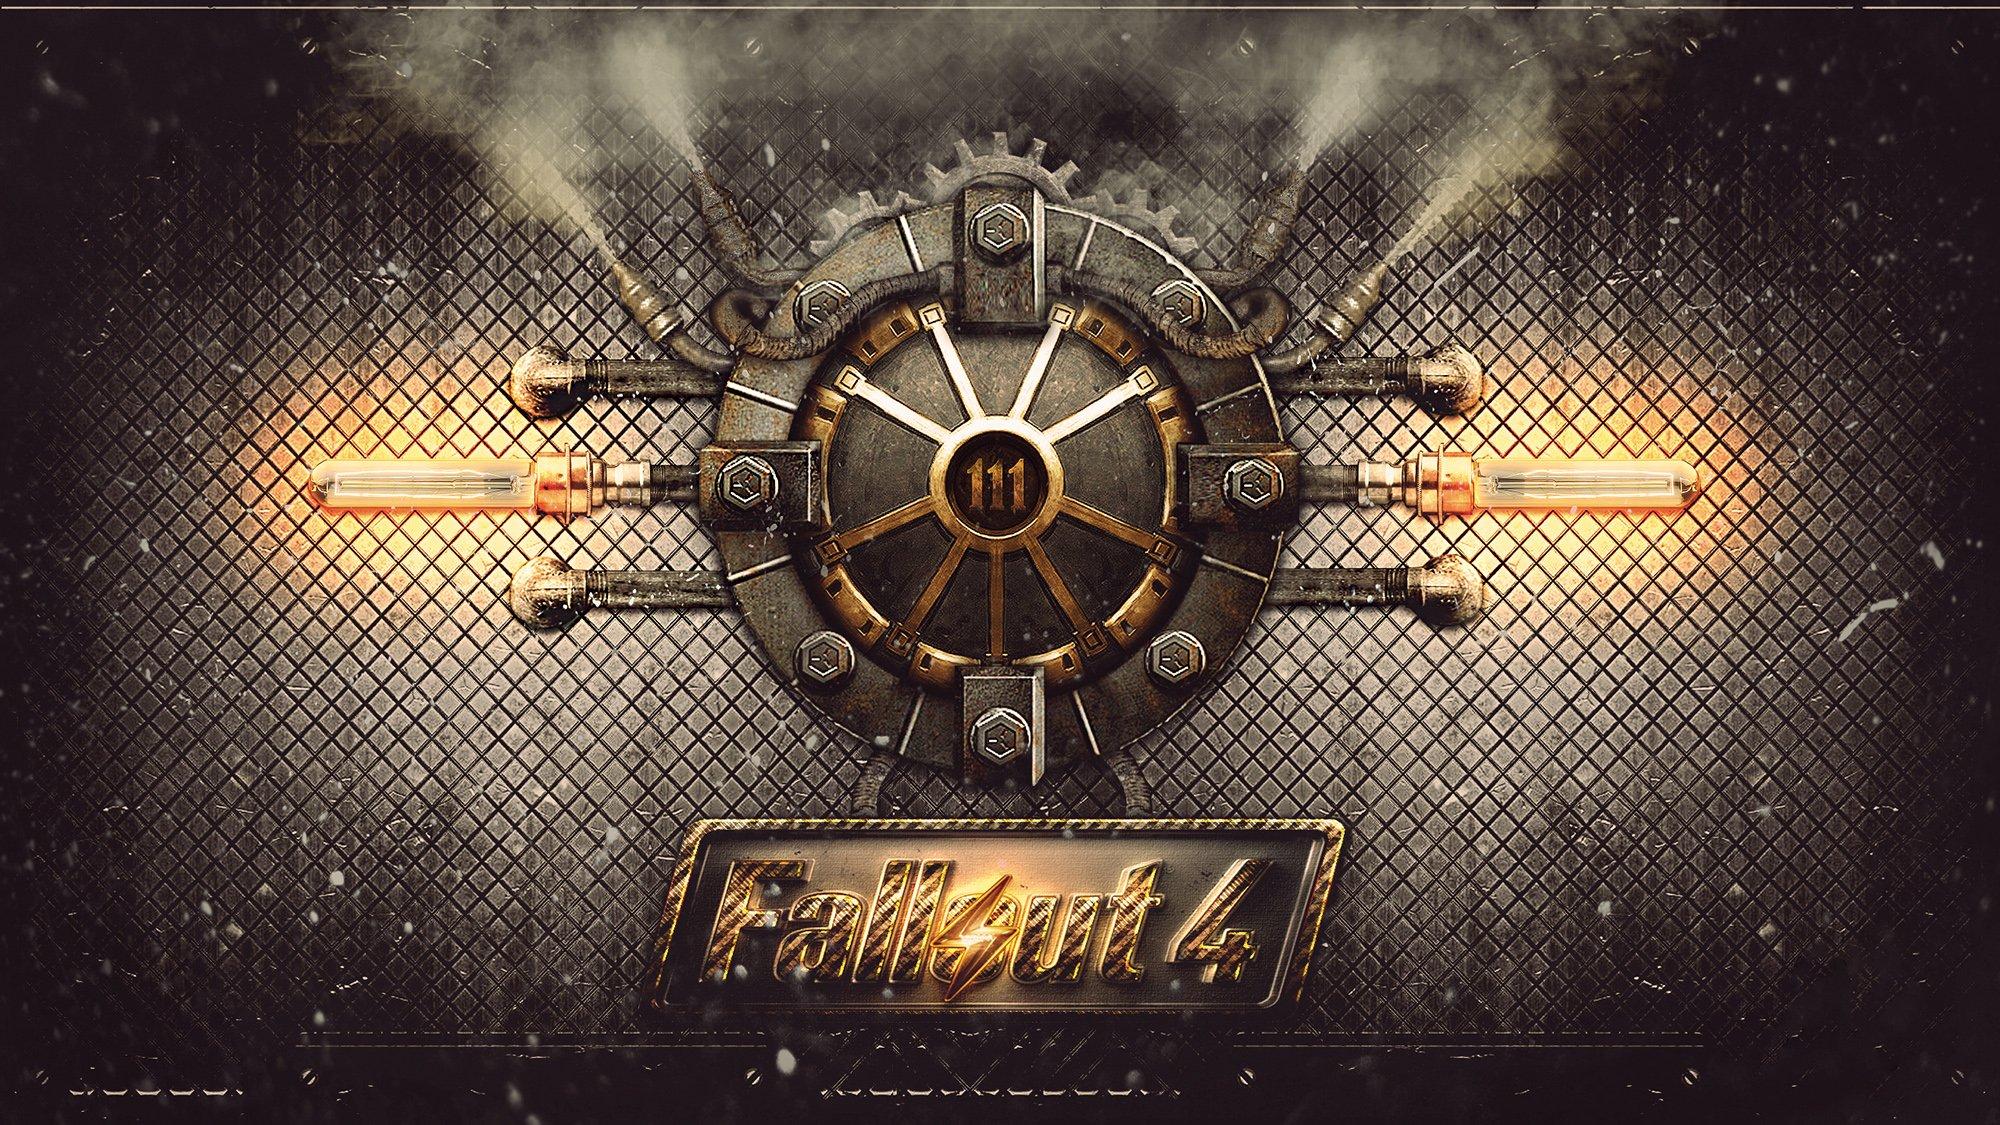 fallout 4 wallpaper.